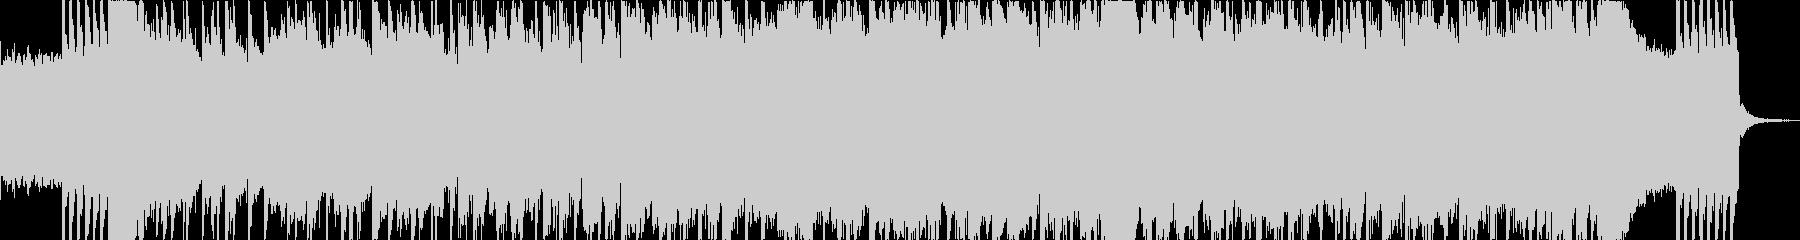 シンプルで明るい雰囲気のロックポップスの未再生の波形